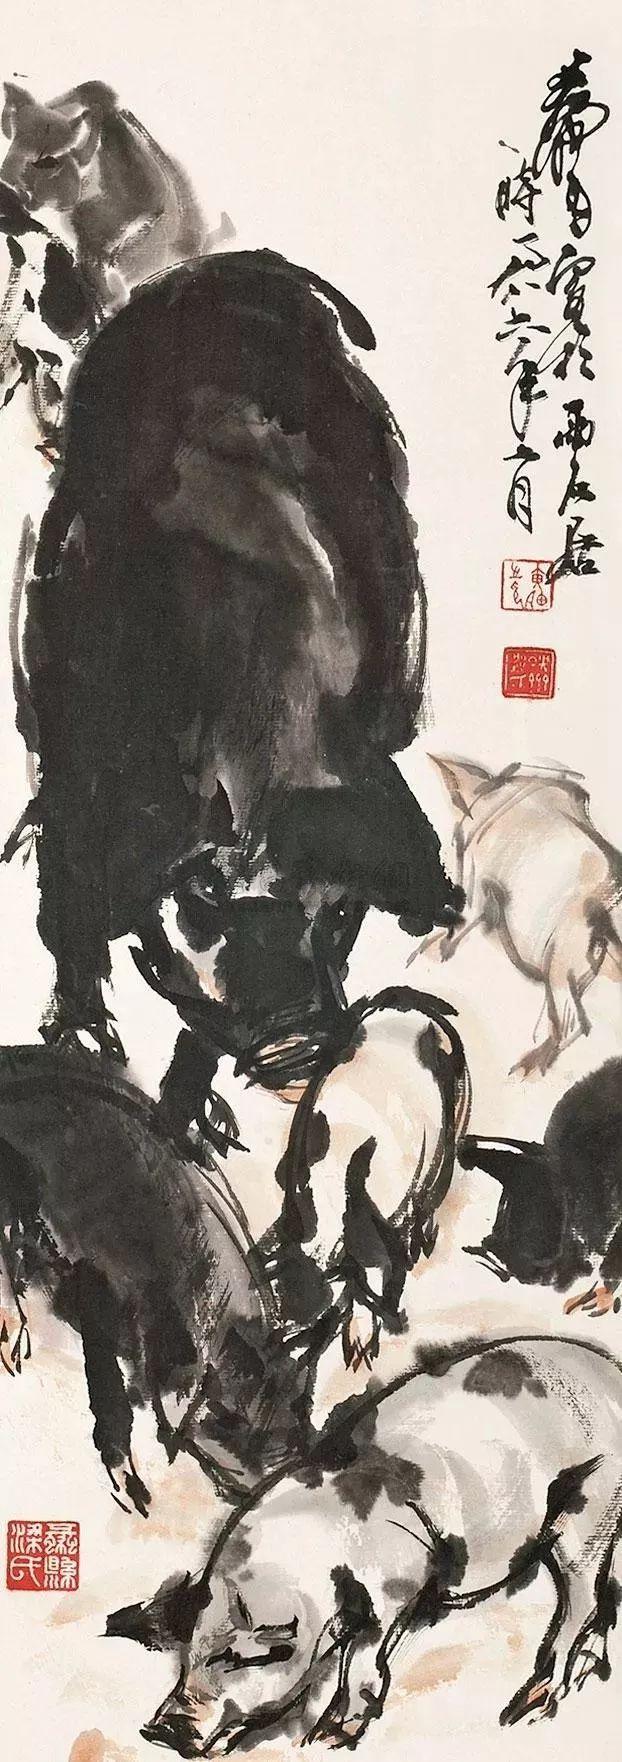 中国画四大画家画墨猪图片